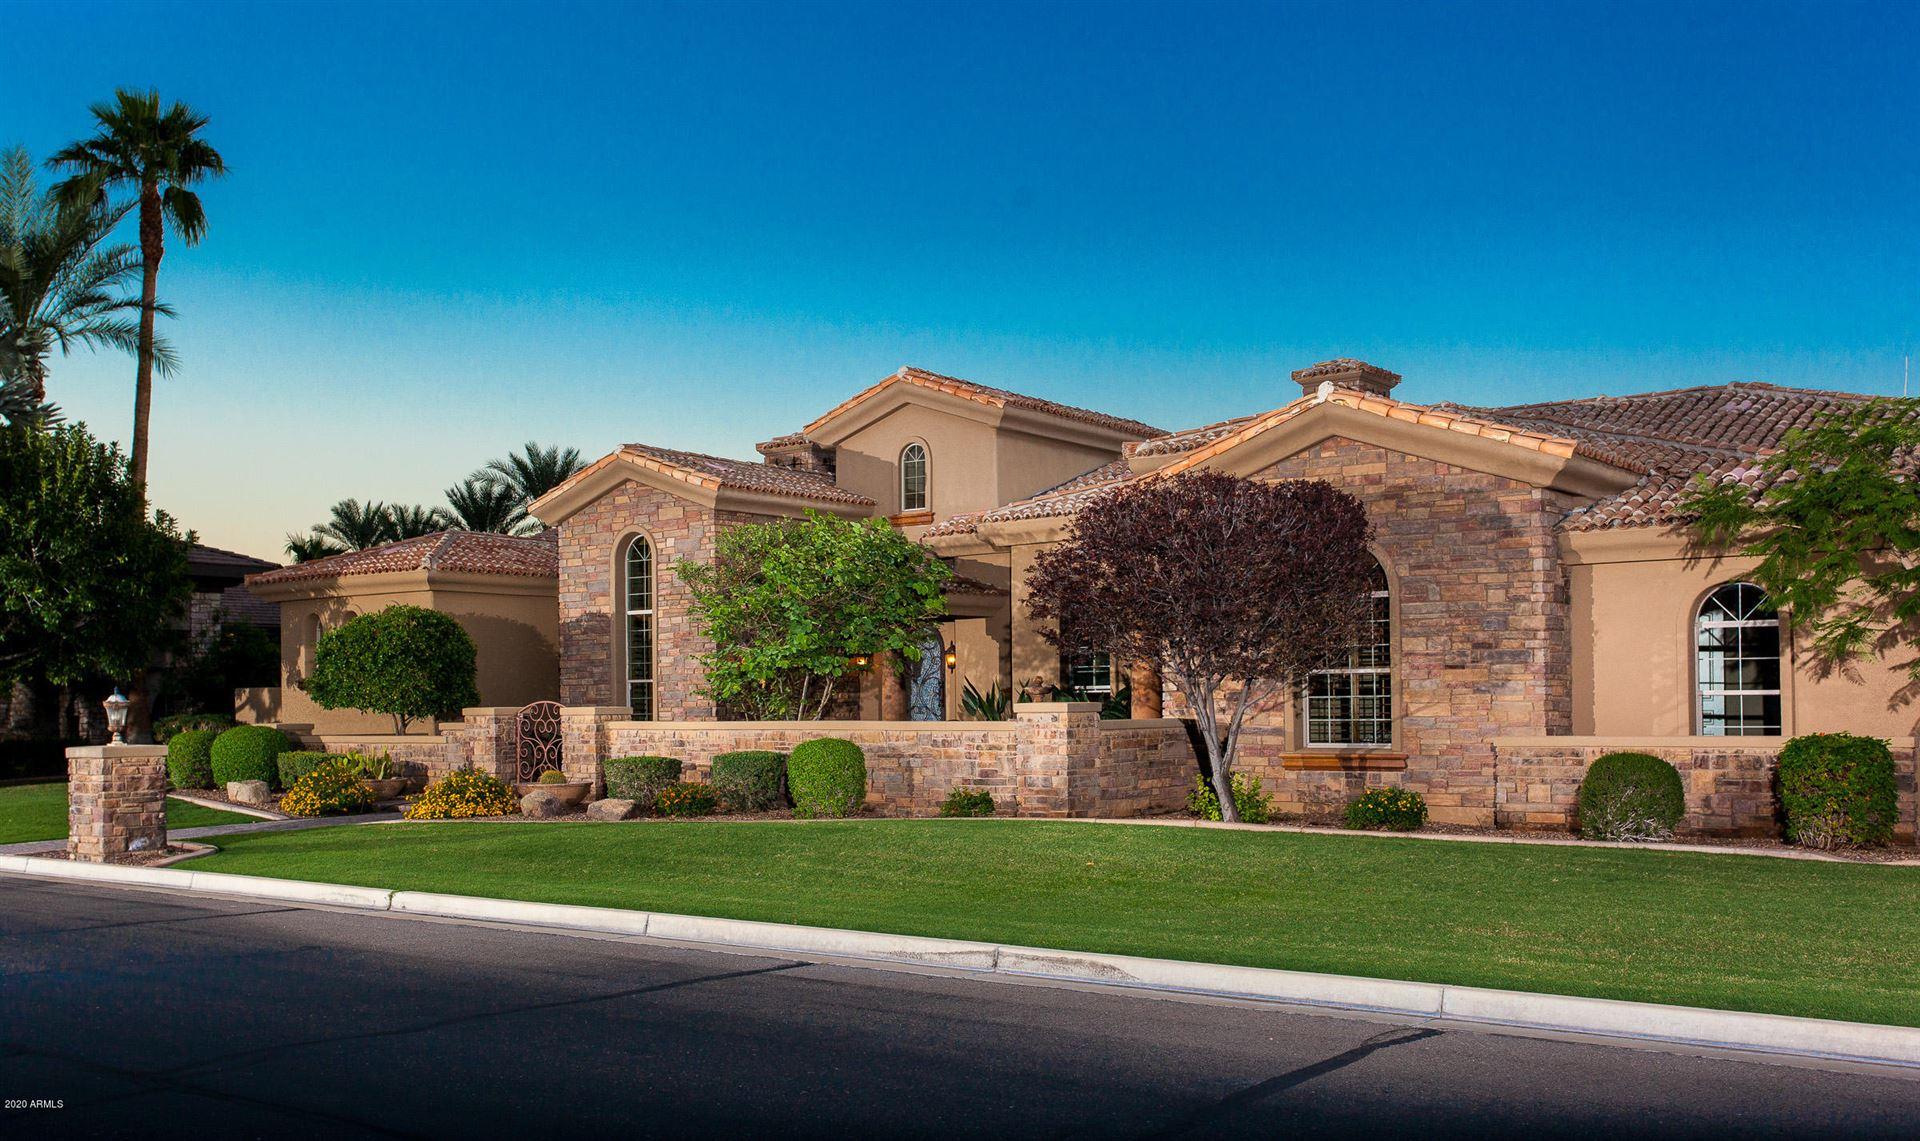 2437 S Hummingbird Place, Chandler, AZ 85286 - MLS#: 6137796